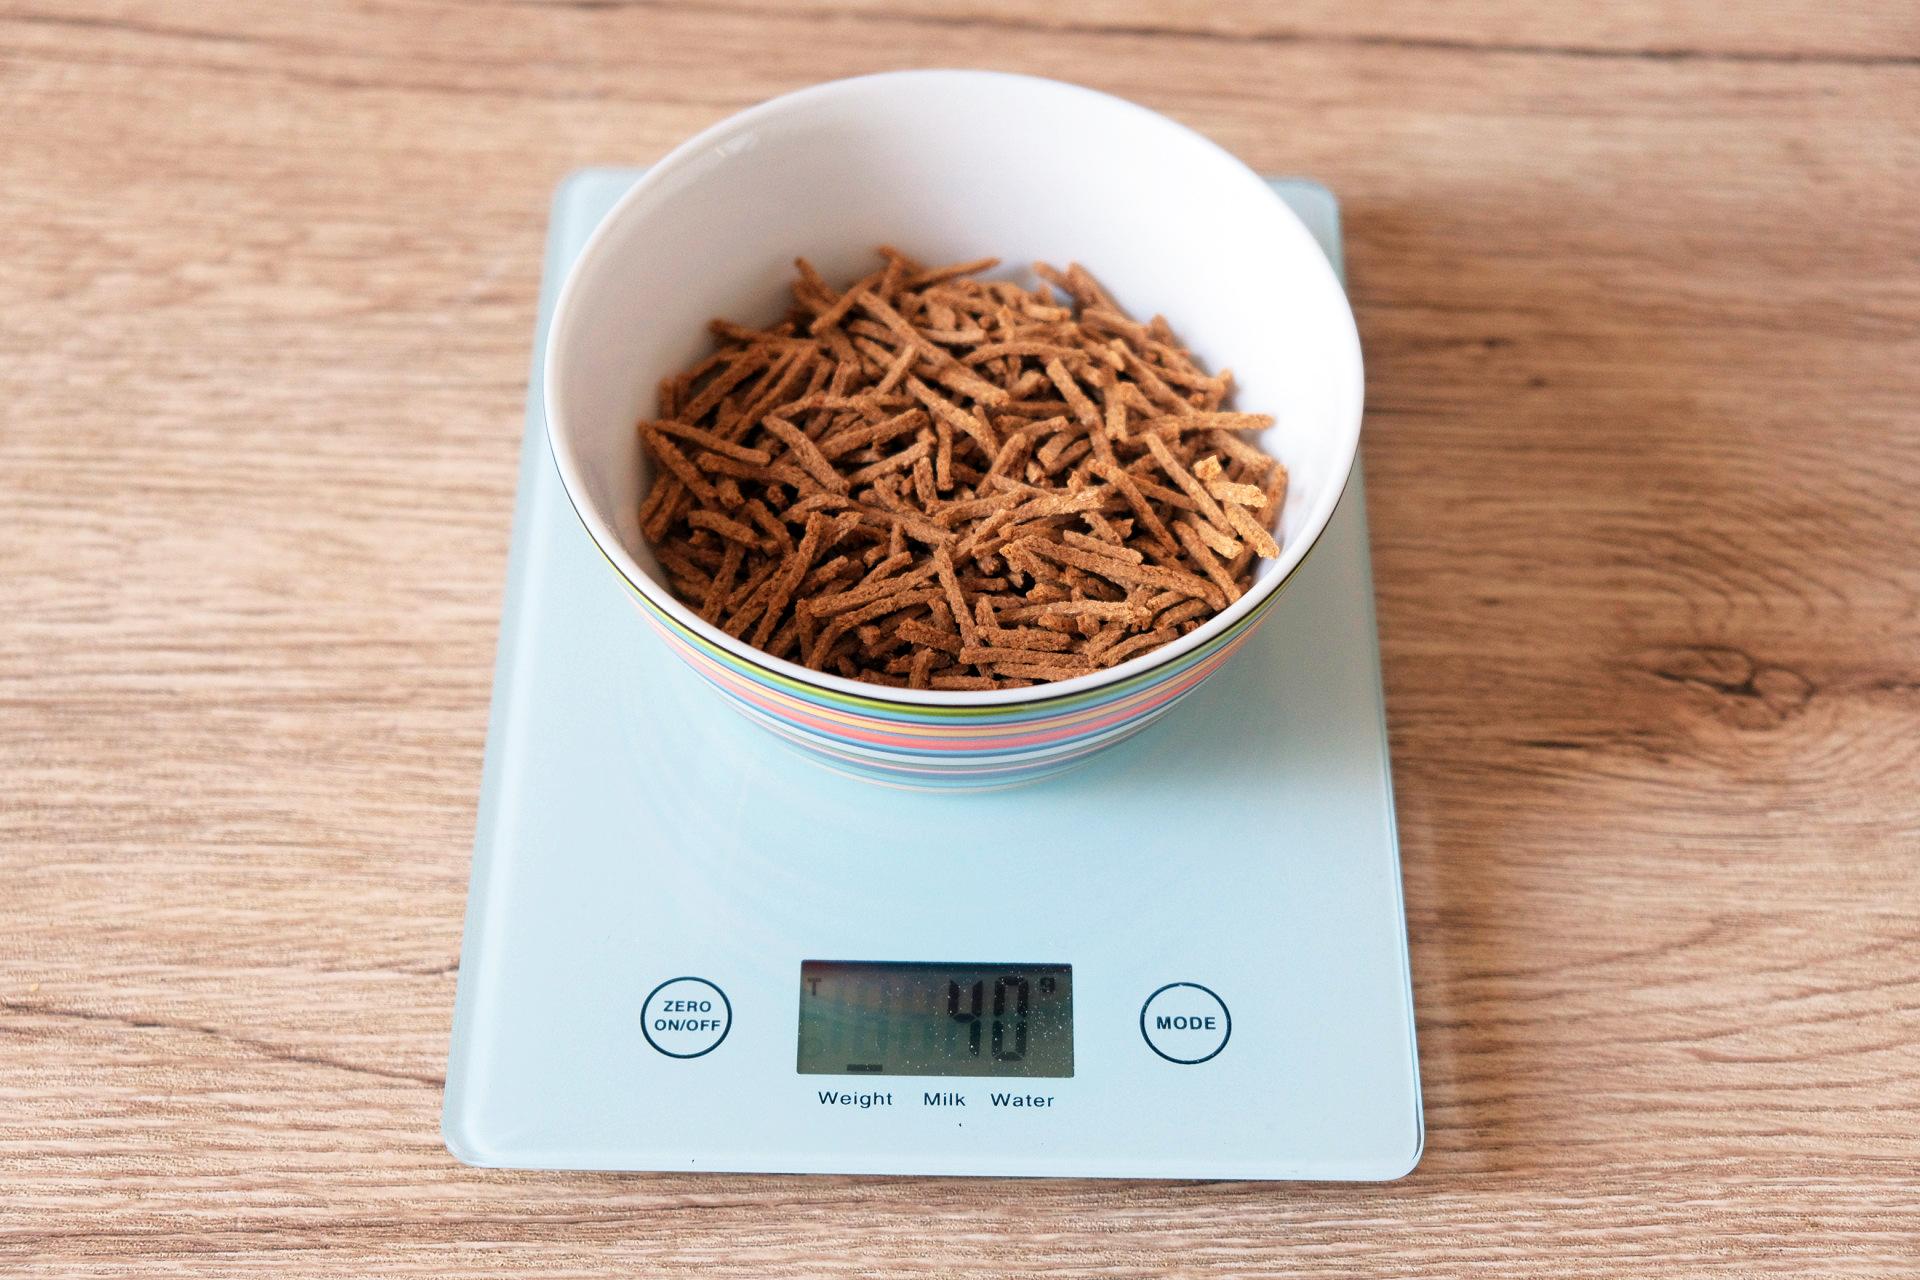 1食分のオールブラン ブランリッチ40グラム